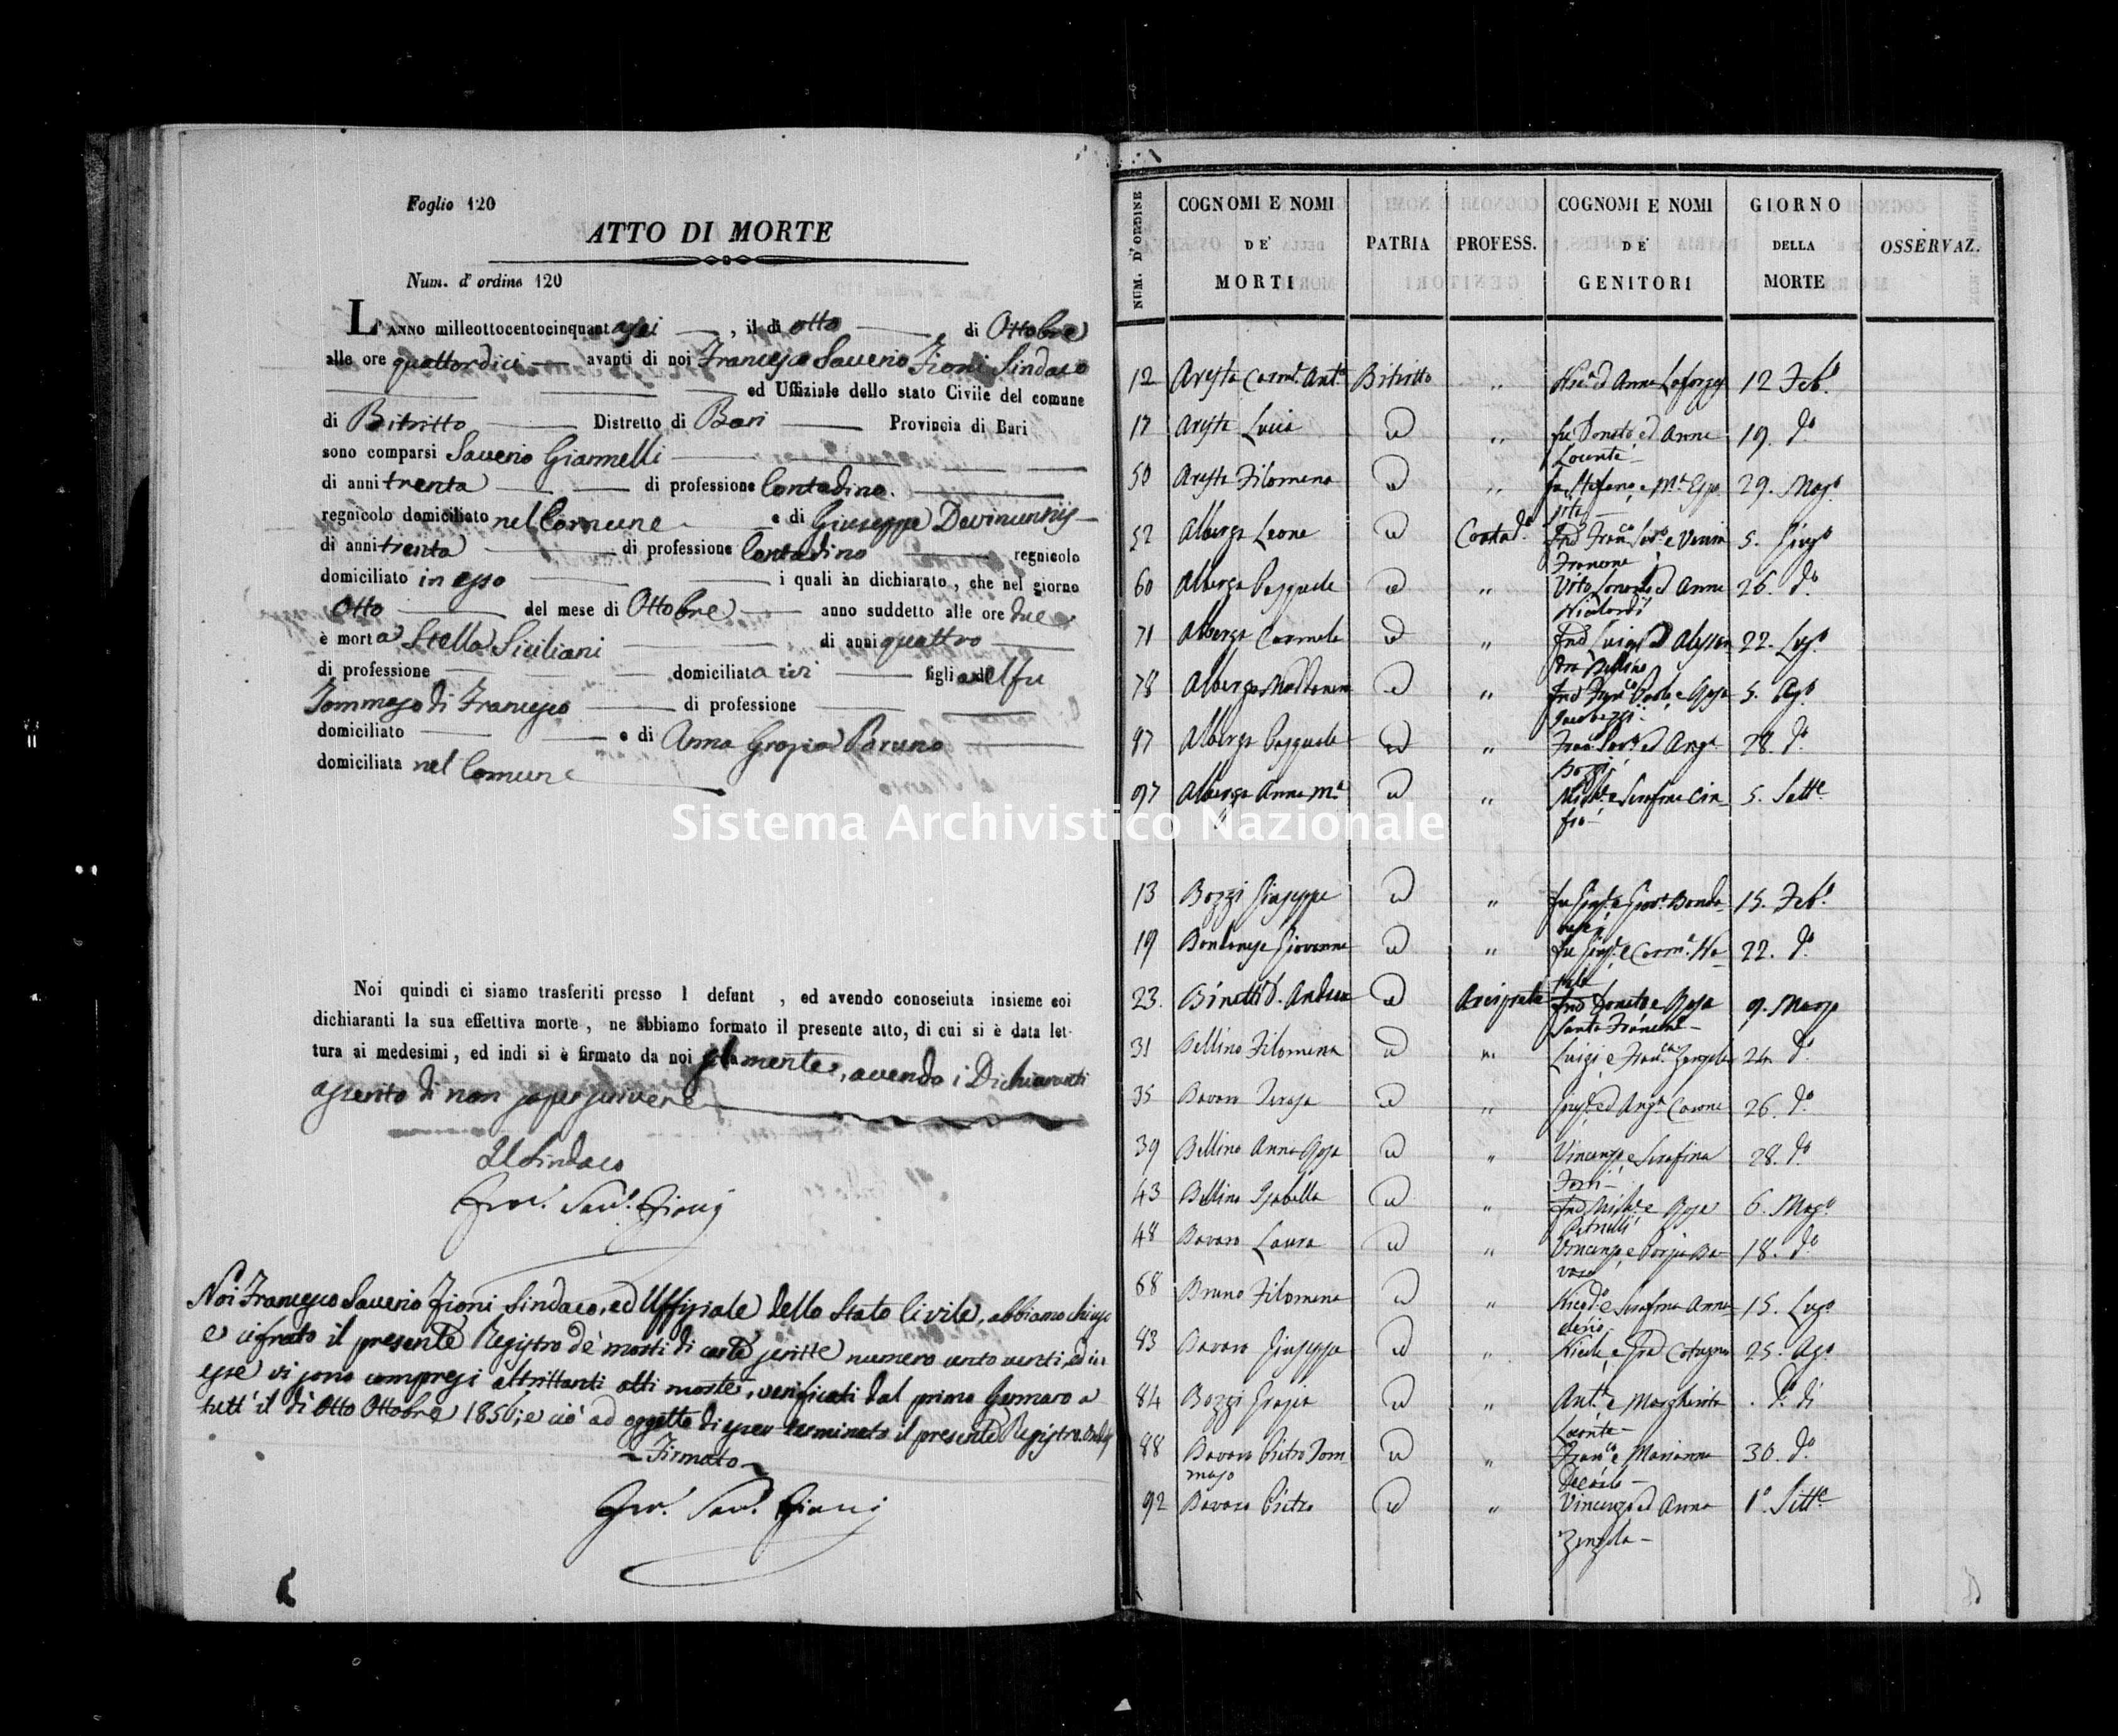 Archivio di stato di Bari - Stato civile della restaurazione - Bitritto - Morti, indice - 1856 -